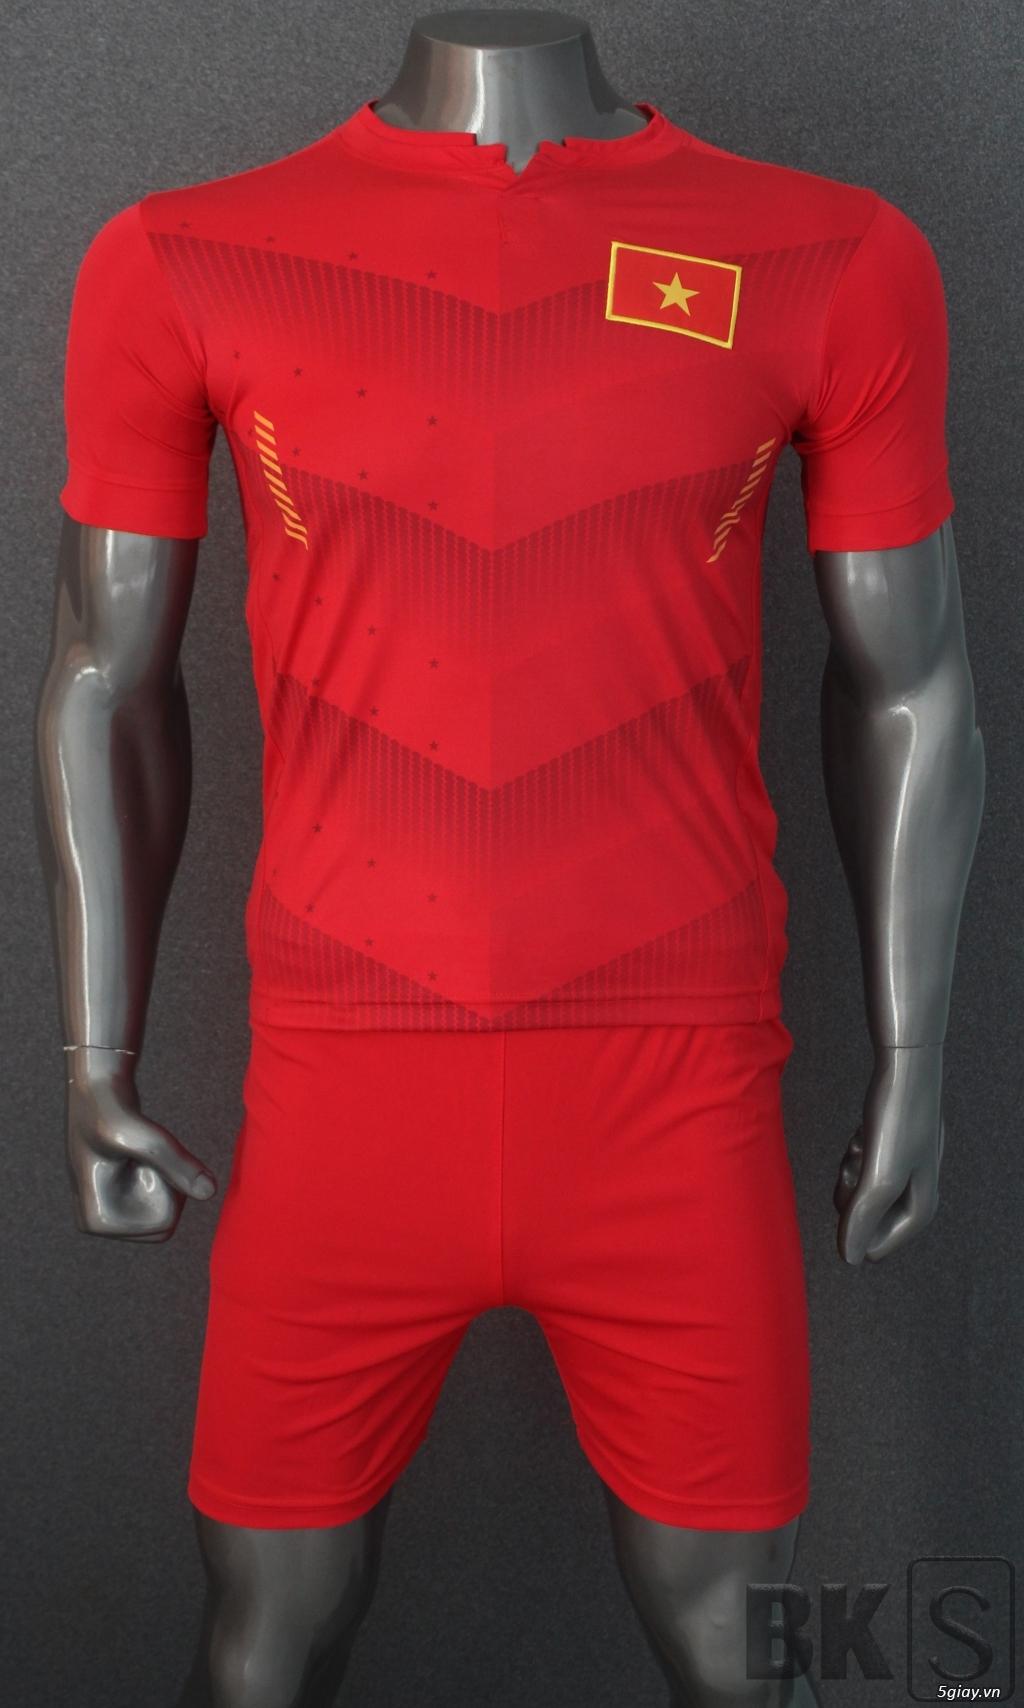 Áo bóng đá HP-địa chỉ gốc sản xuất trang phục thể thao số 1 Việt Nam - 3